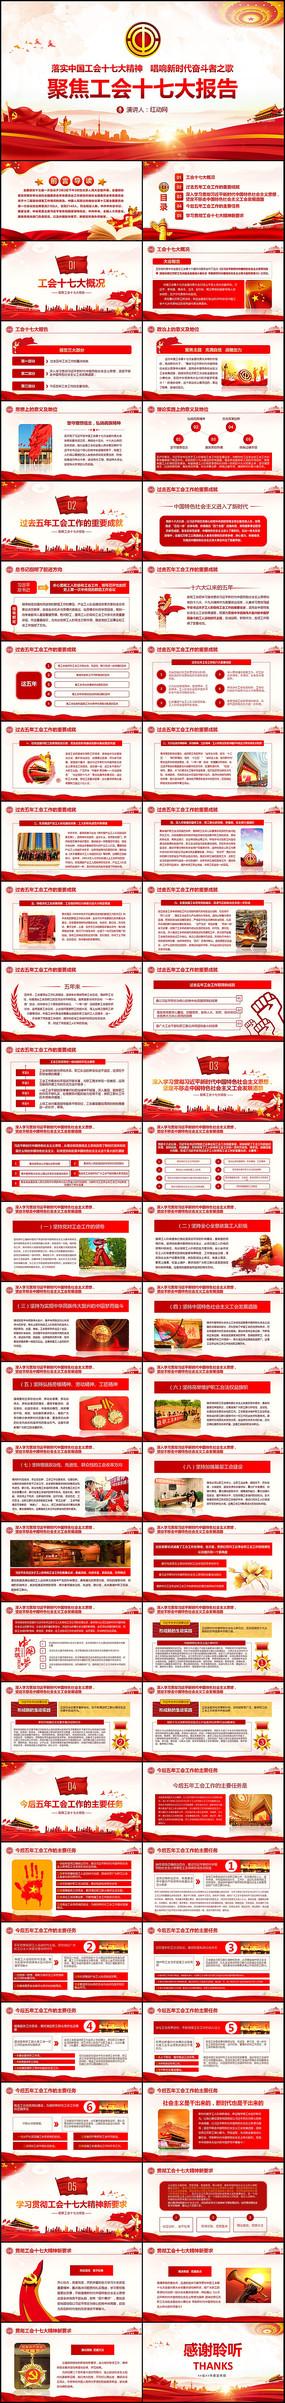 最新中国工会十七大精神解读PPT ppt